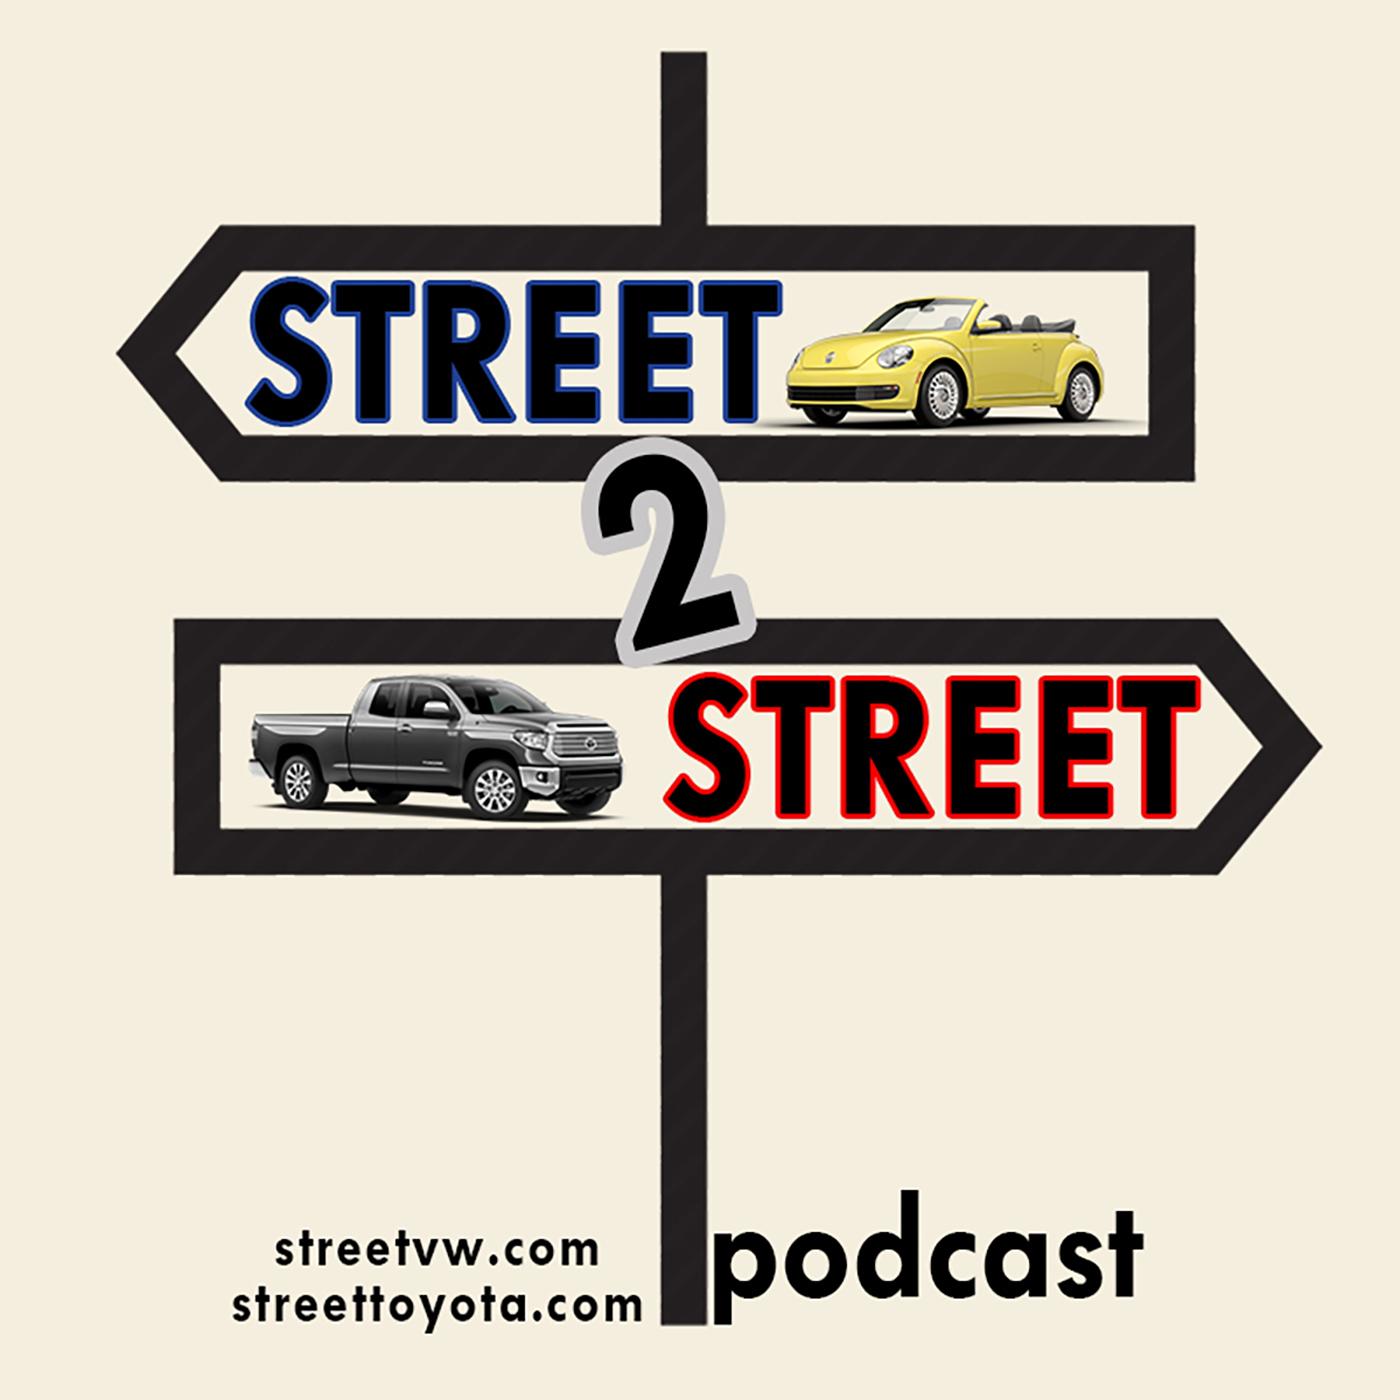 street2street